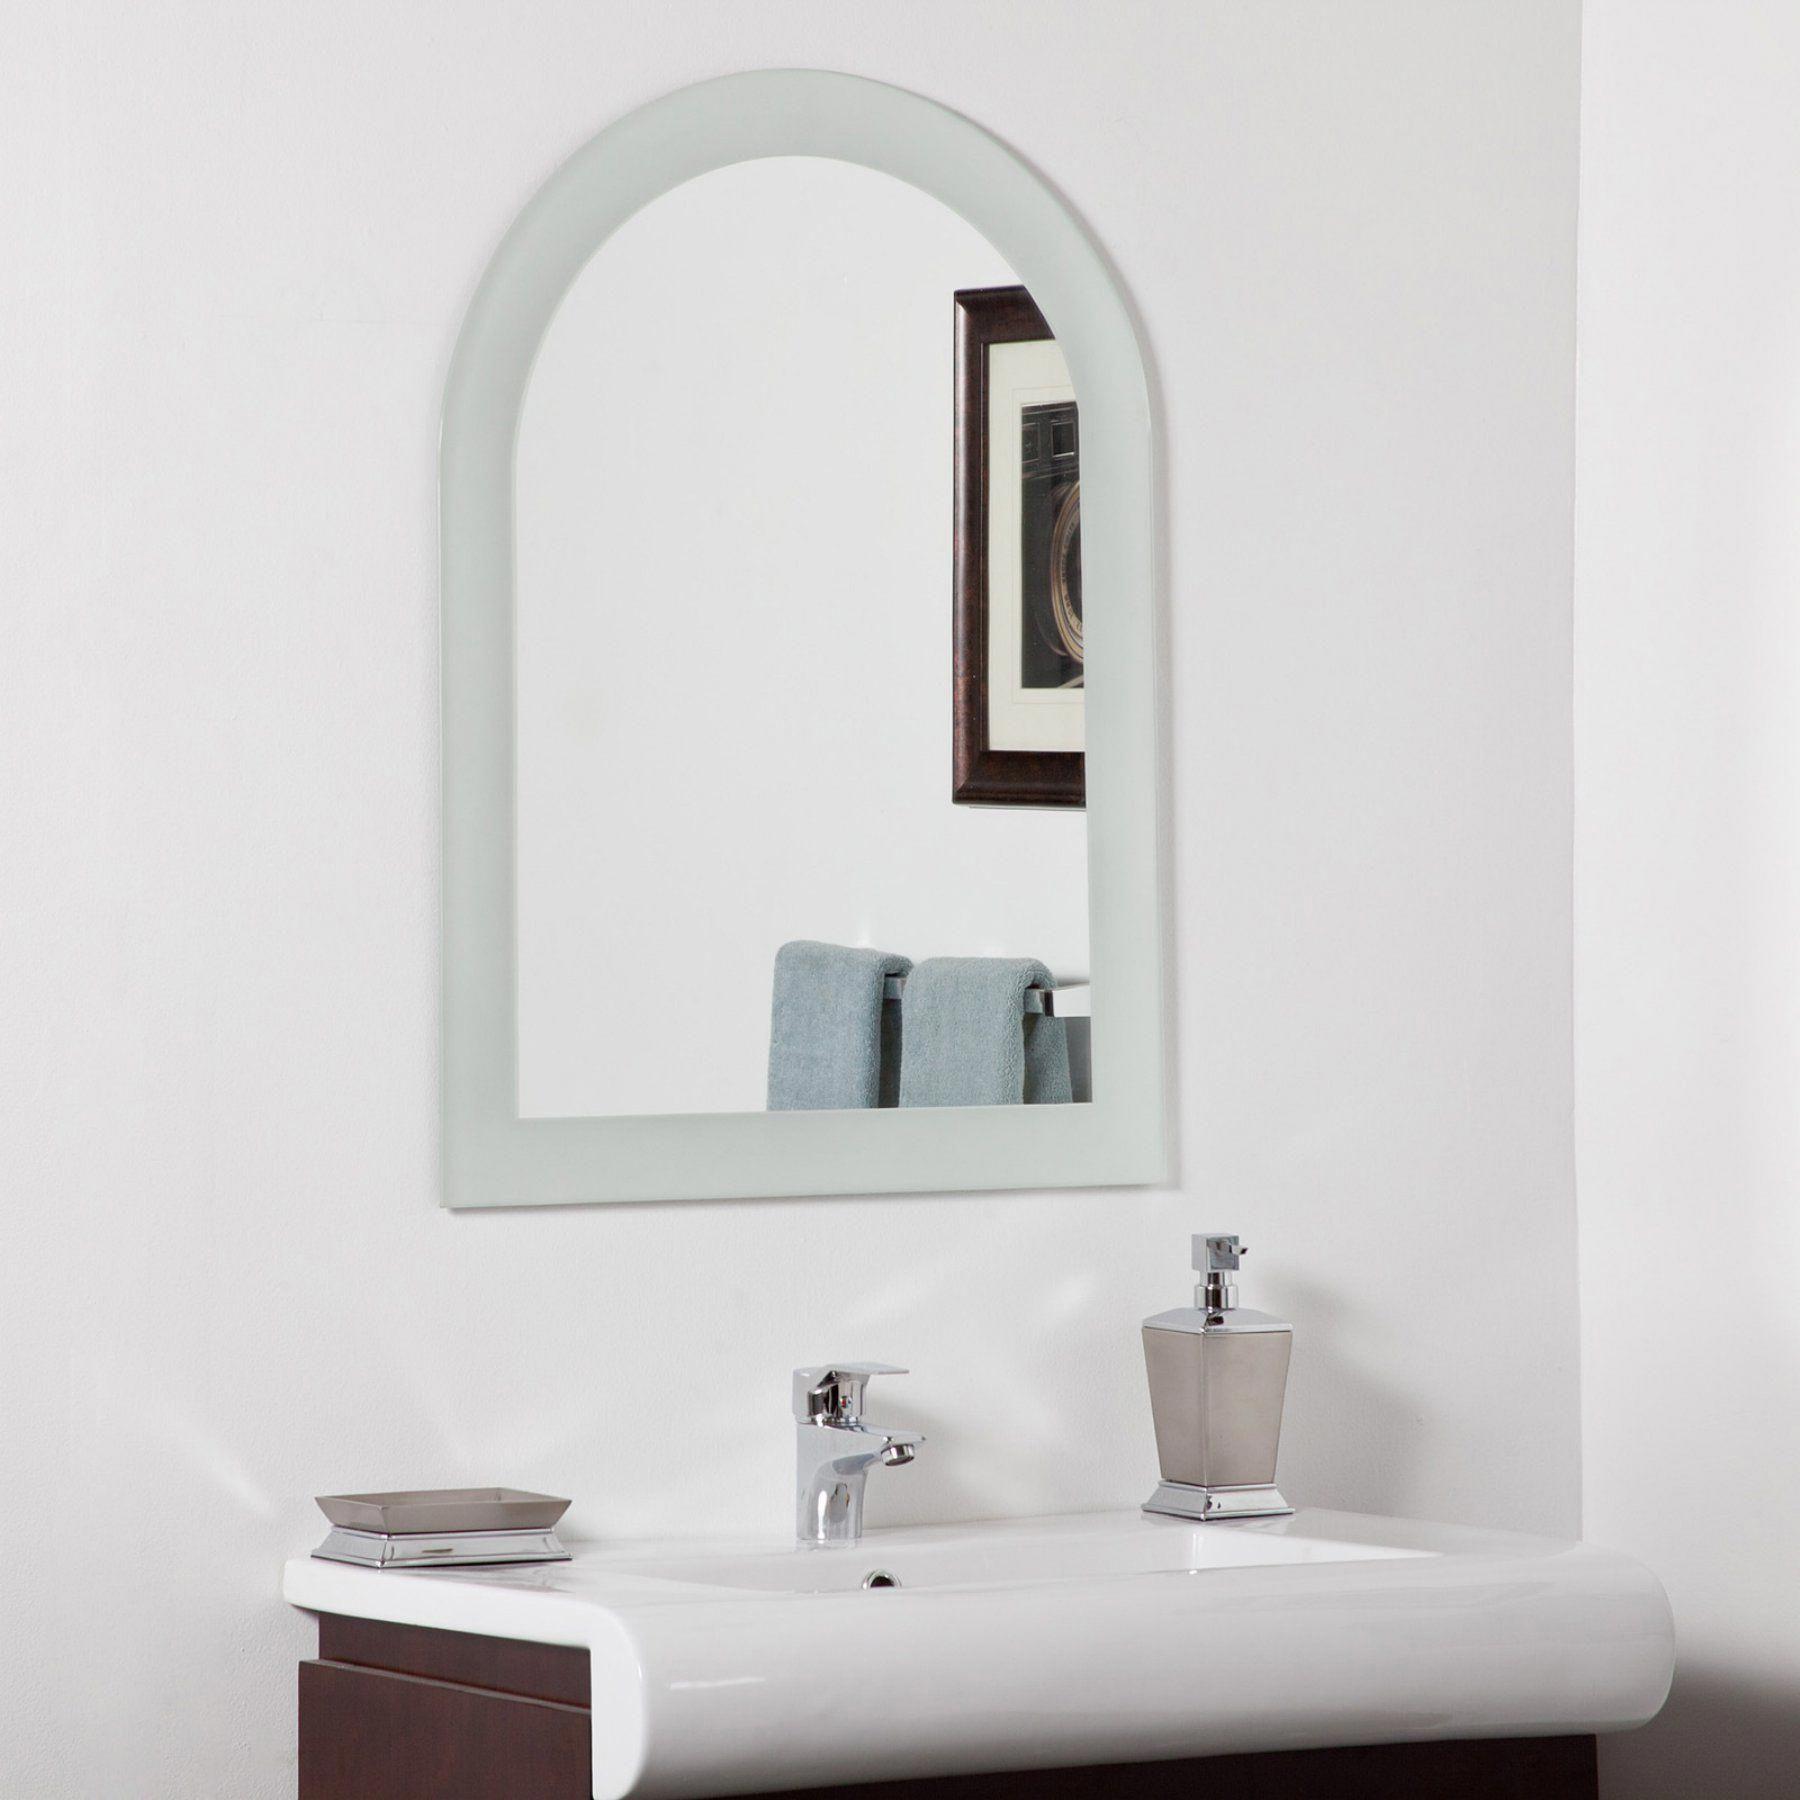 Da C Cor Wonderland Serenity Arched Modern Bathroom Mirror 23 6w X 31 5h In Ssm502 1 Modernhomedecorbathroom [ 1800 x 1800 Pixel ]